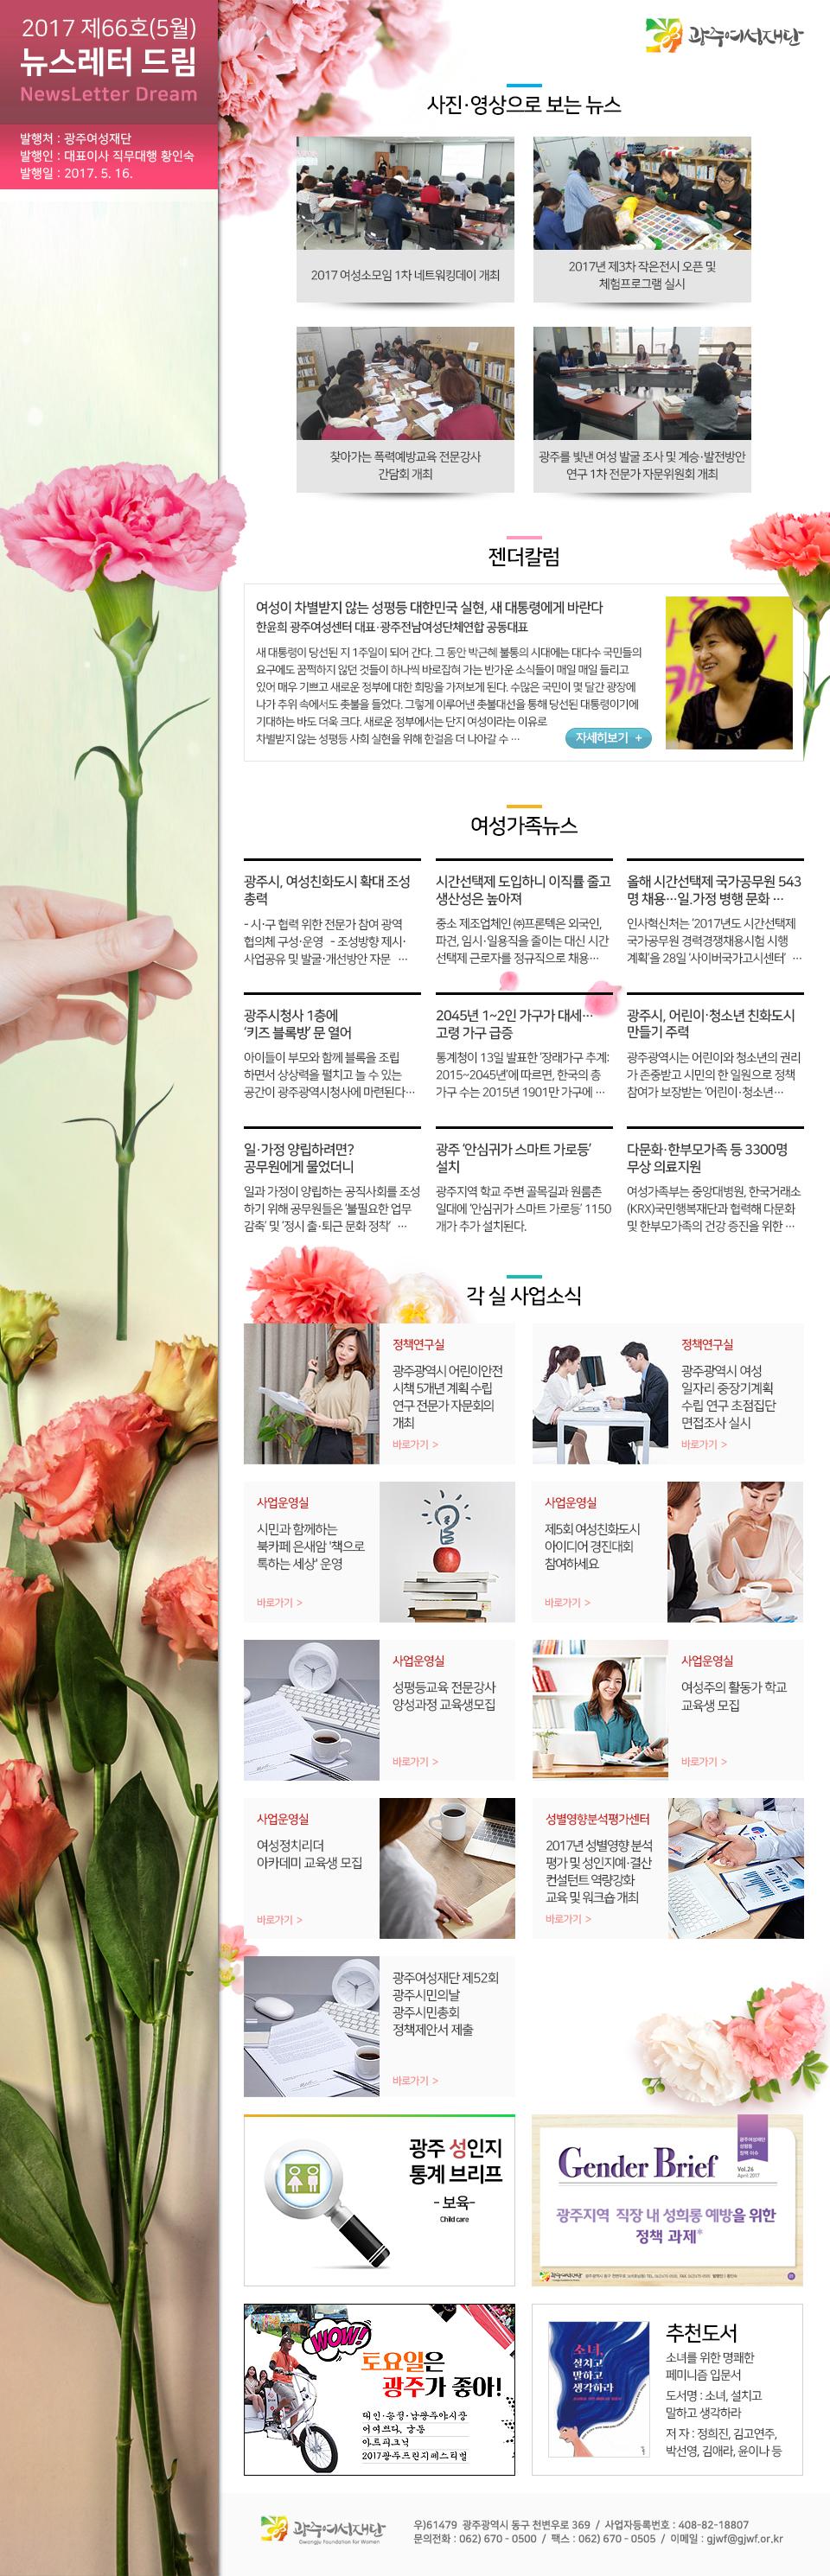 뉴스레터 드림 66호(17.05월) 썸네일